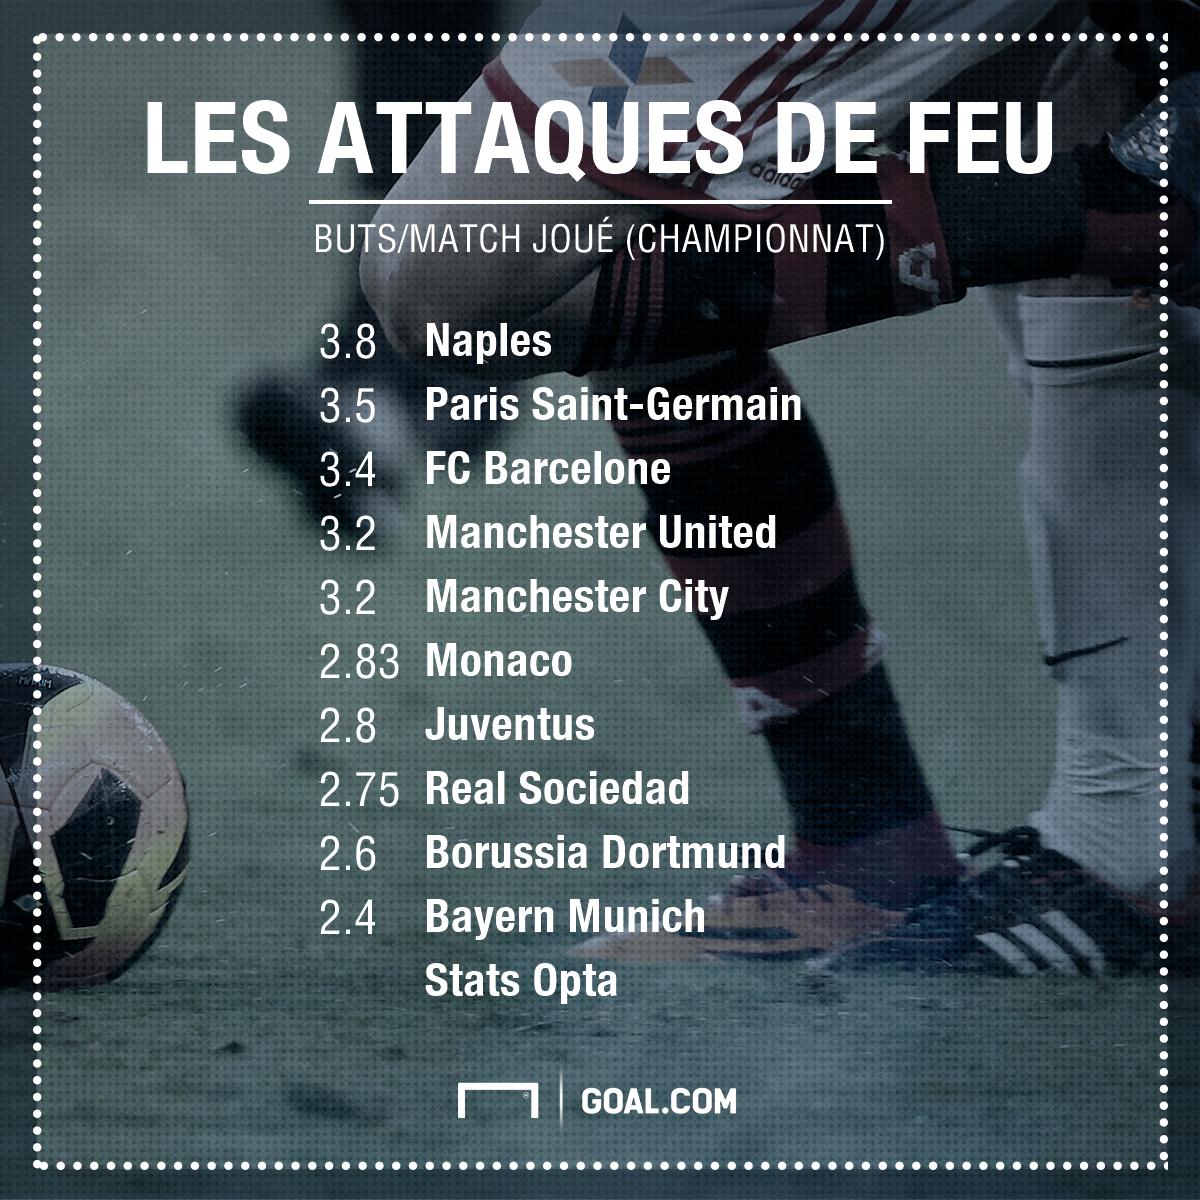 TOP 10 attaques prolifiques Europe PS